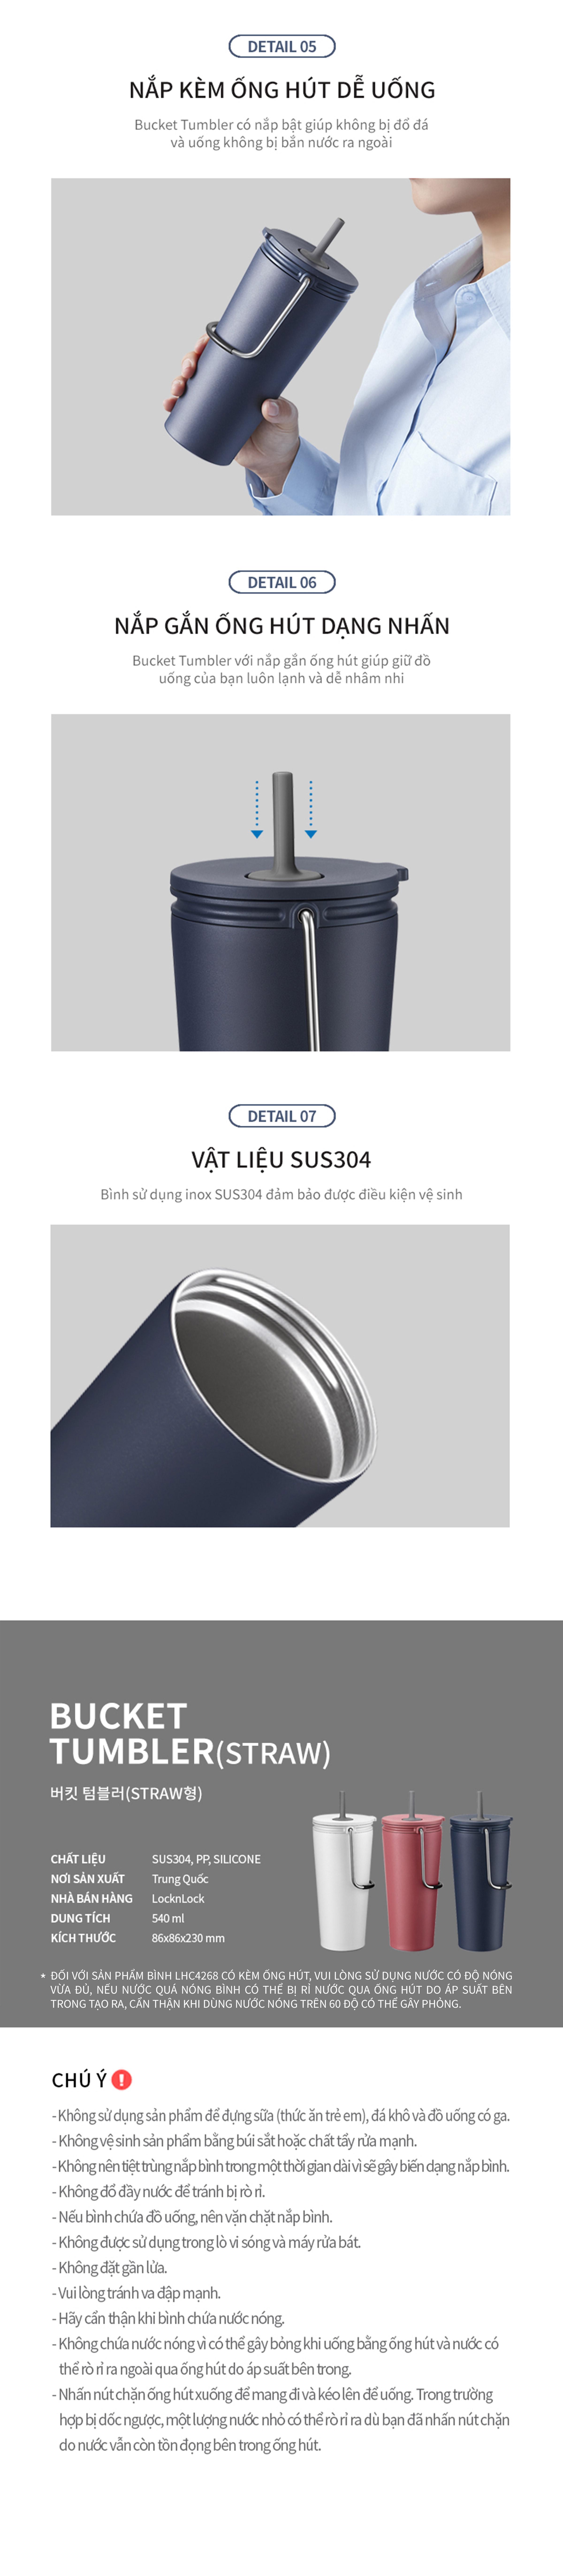 Bình giữ nhiệt có ống hút Lock&Lock Bucket Tumbler with Straw LHC4268WHT - Màu Trắng